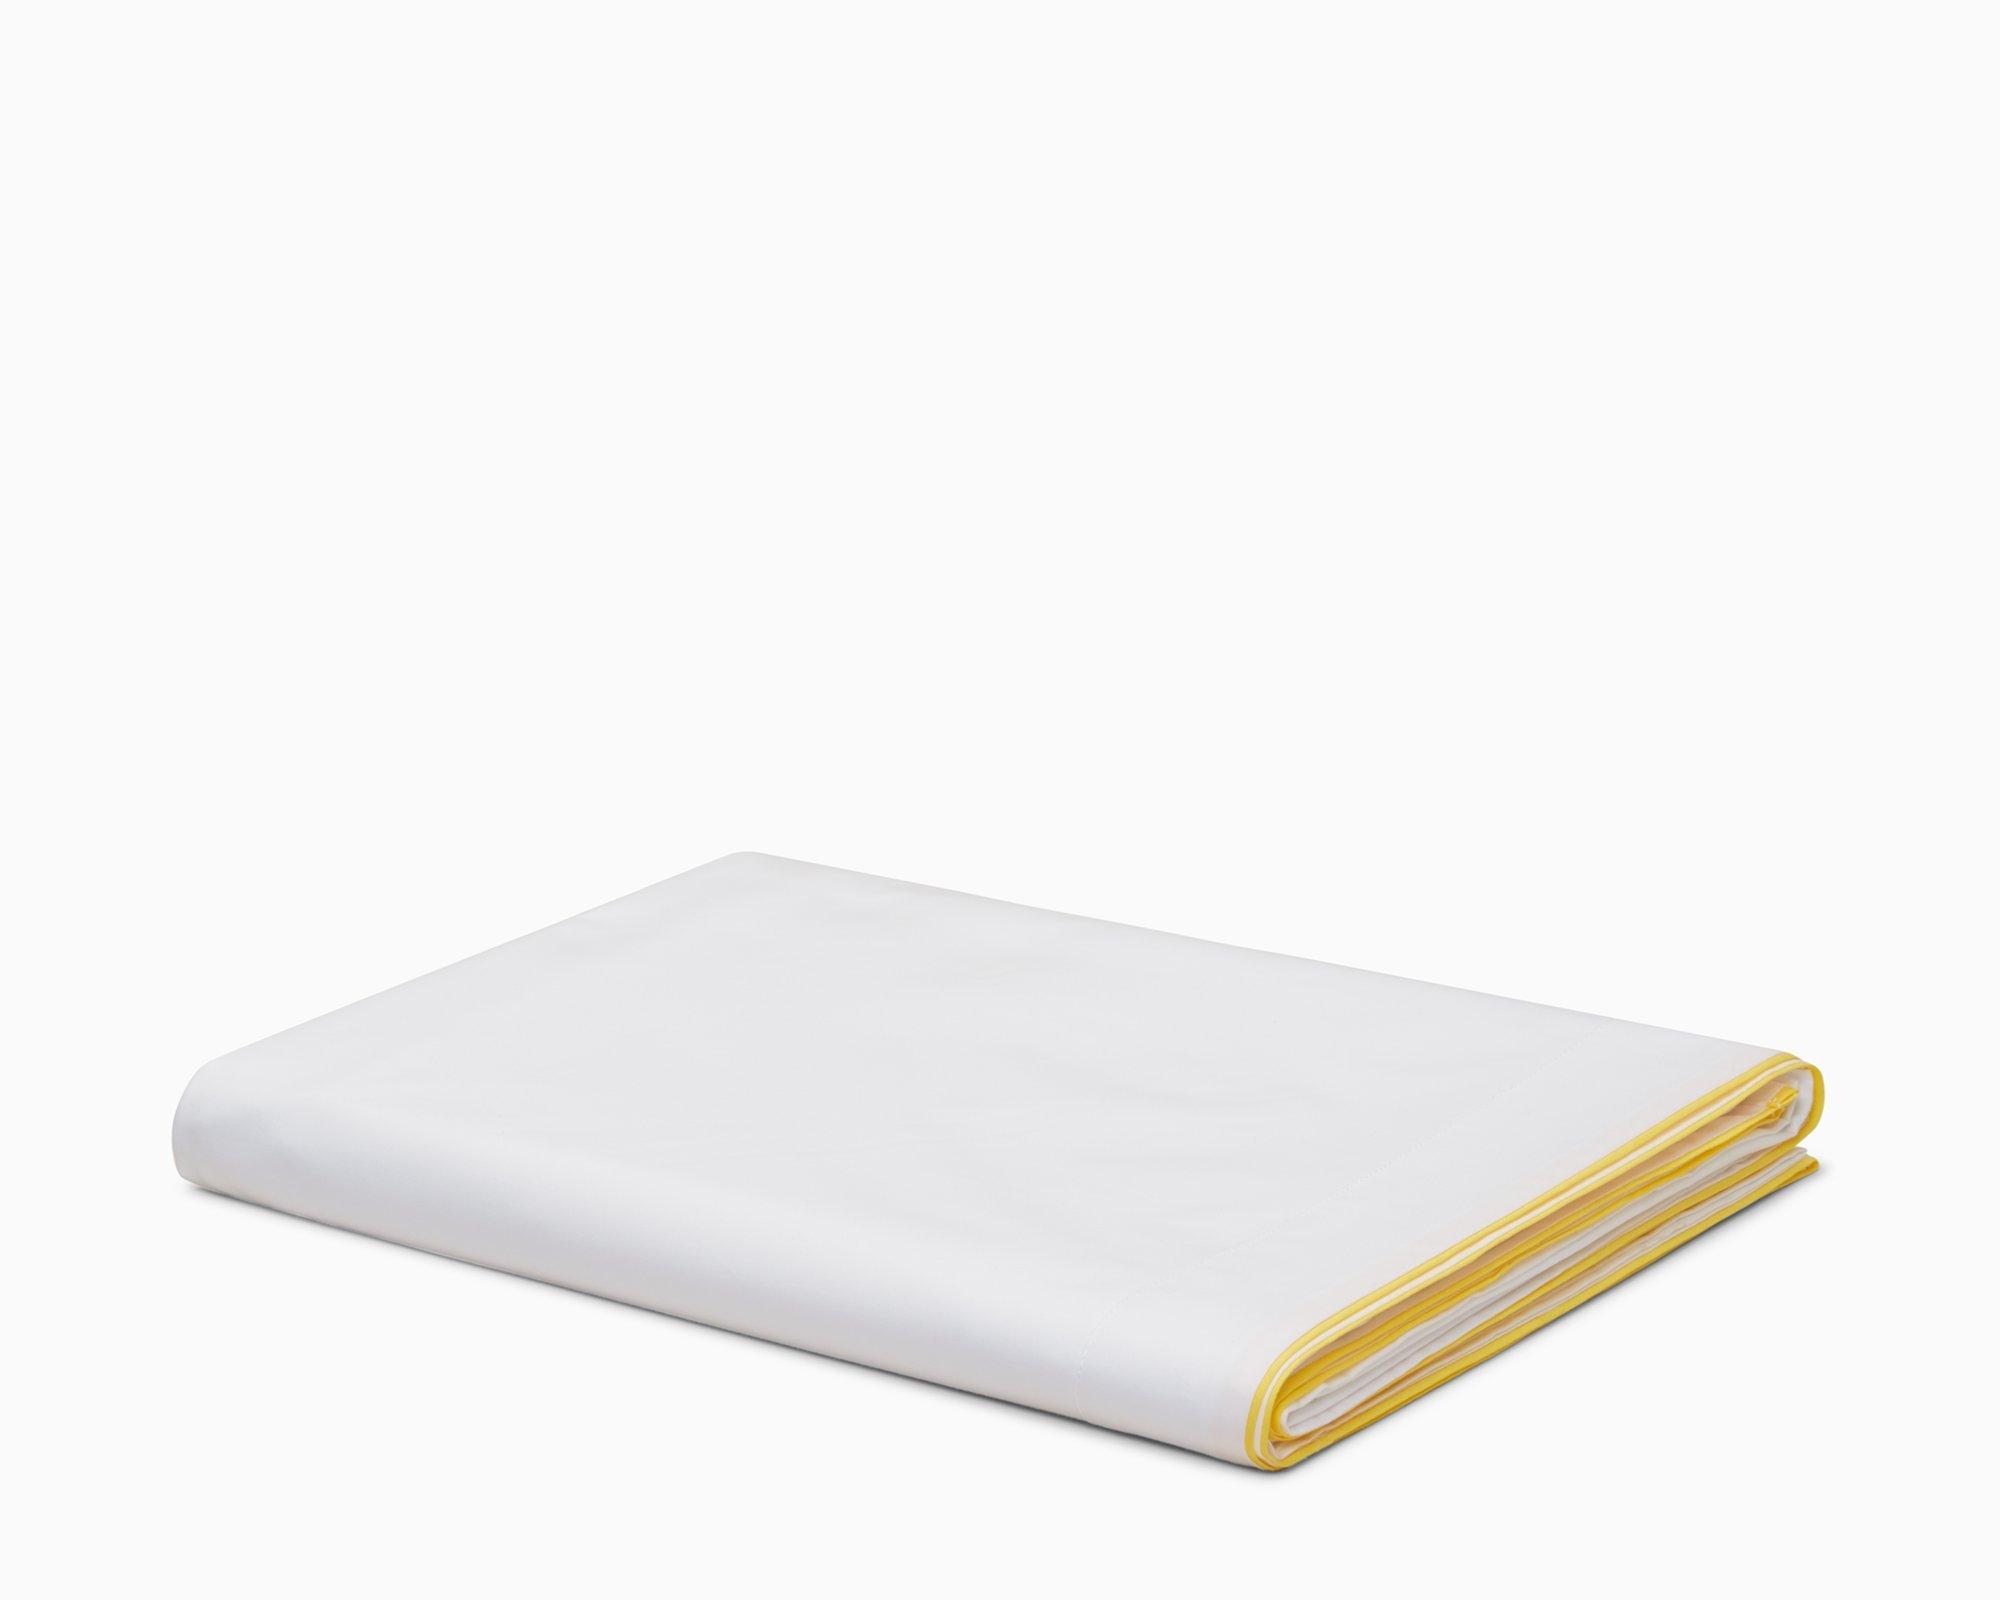 Calvin Klein Home Series 01 Flat Sheet, King, Yellow